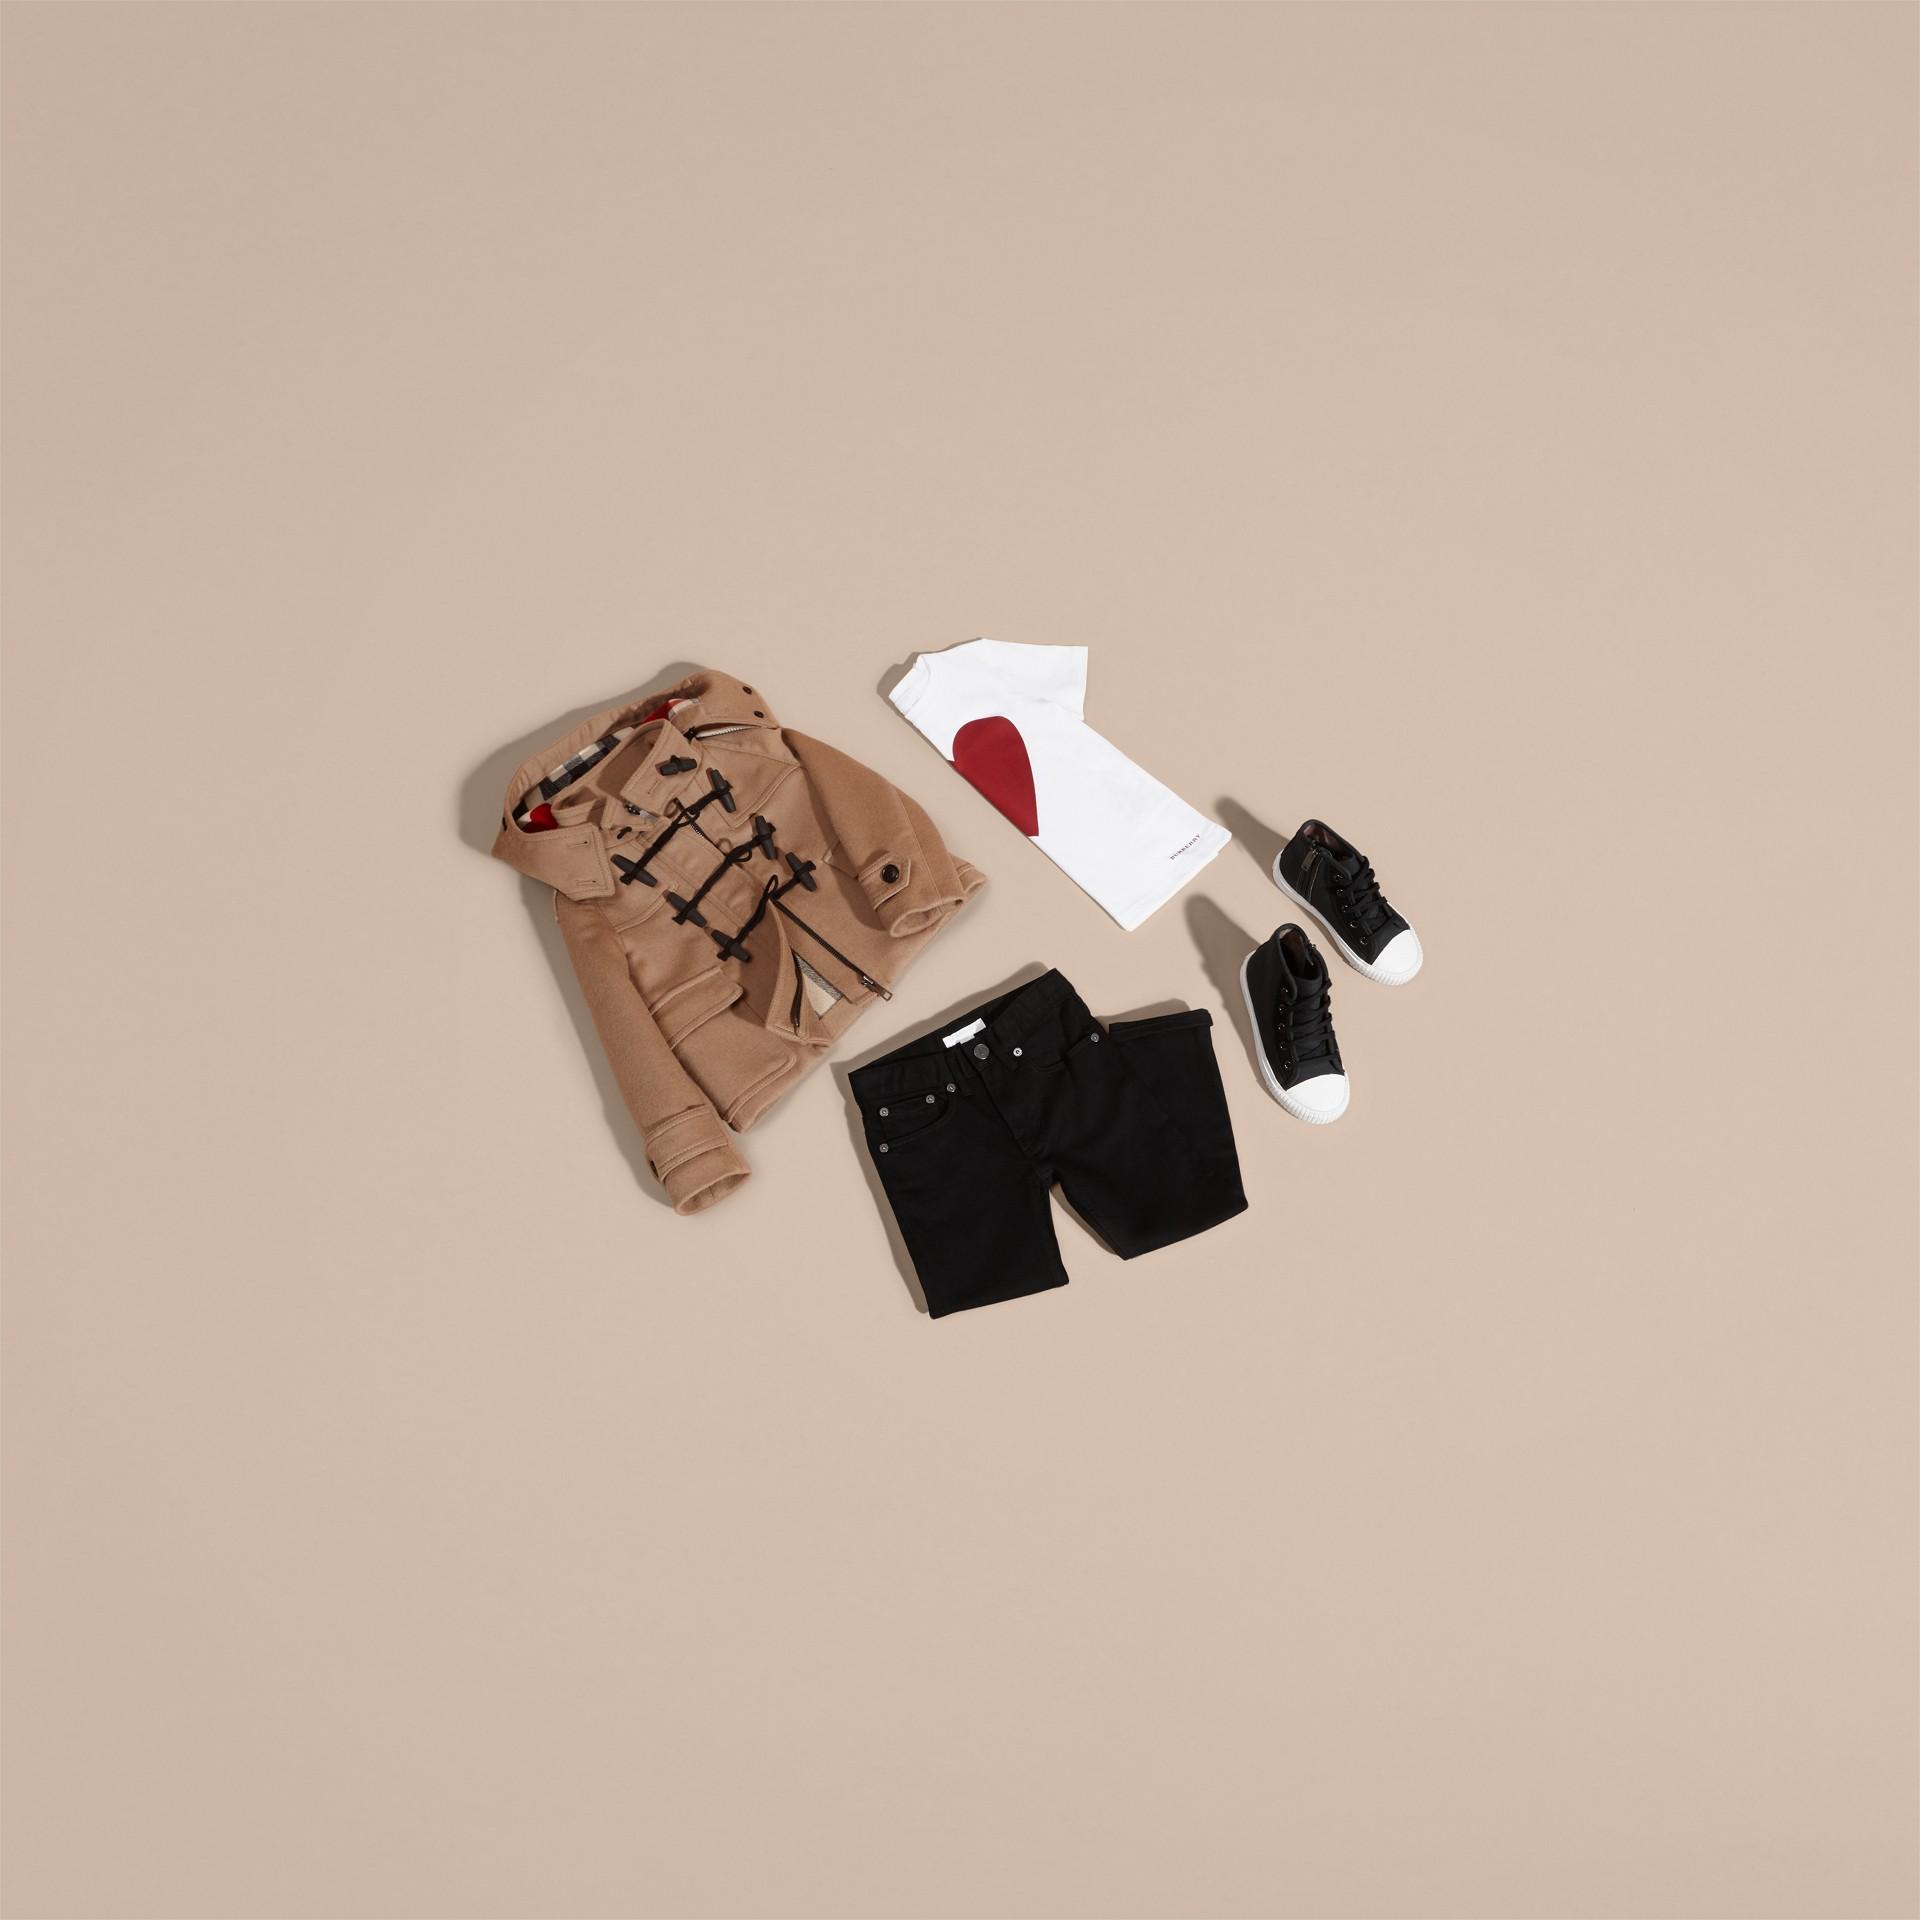 Neues camelfarben Dufflecoat aus Wolle mit einem Futter mit Check- und Herzmuster - Galerie-Bild 5